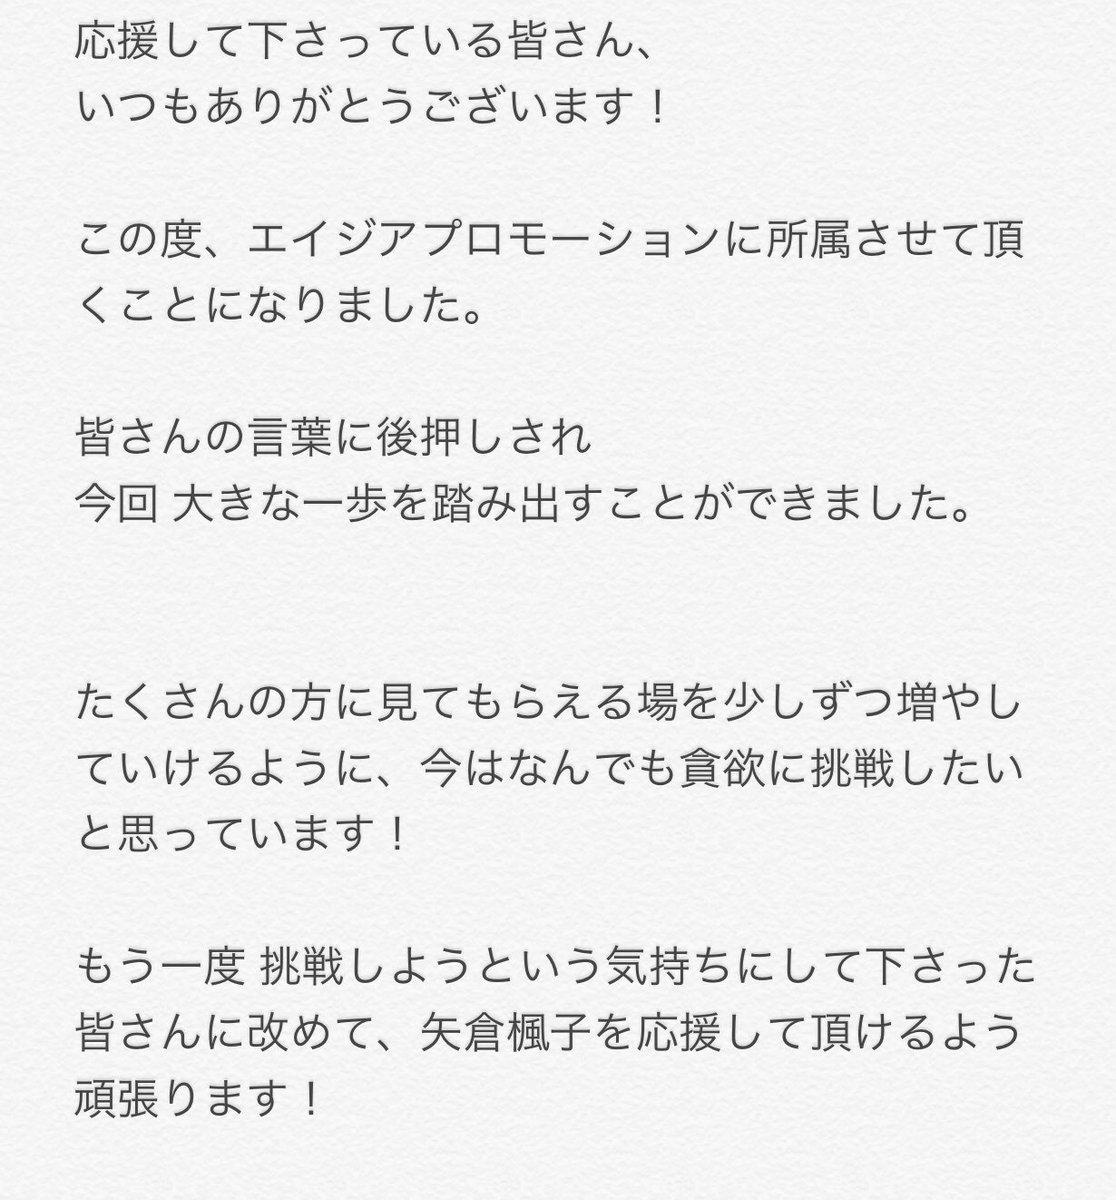 元NMB48矢倉楓子、芸能界復帰を発表!ドラマ出演も決定!事務所はエイジアプロモーション